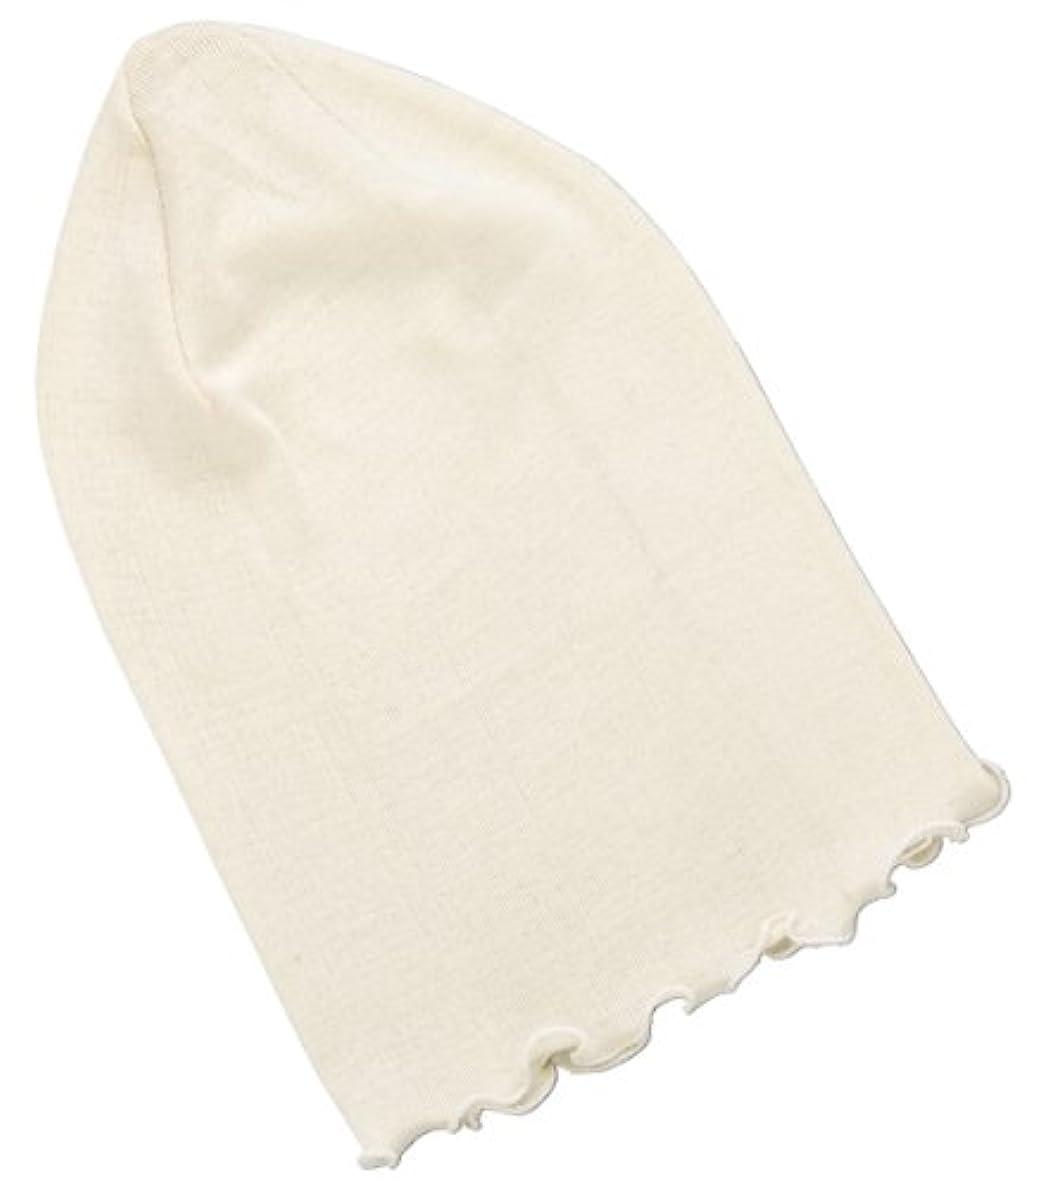 矛盾する嵐分析的潤いシルクのおやすみ帽子 キナリ